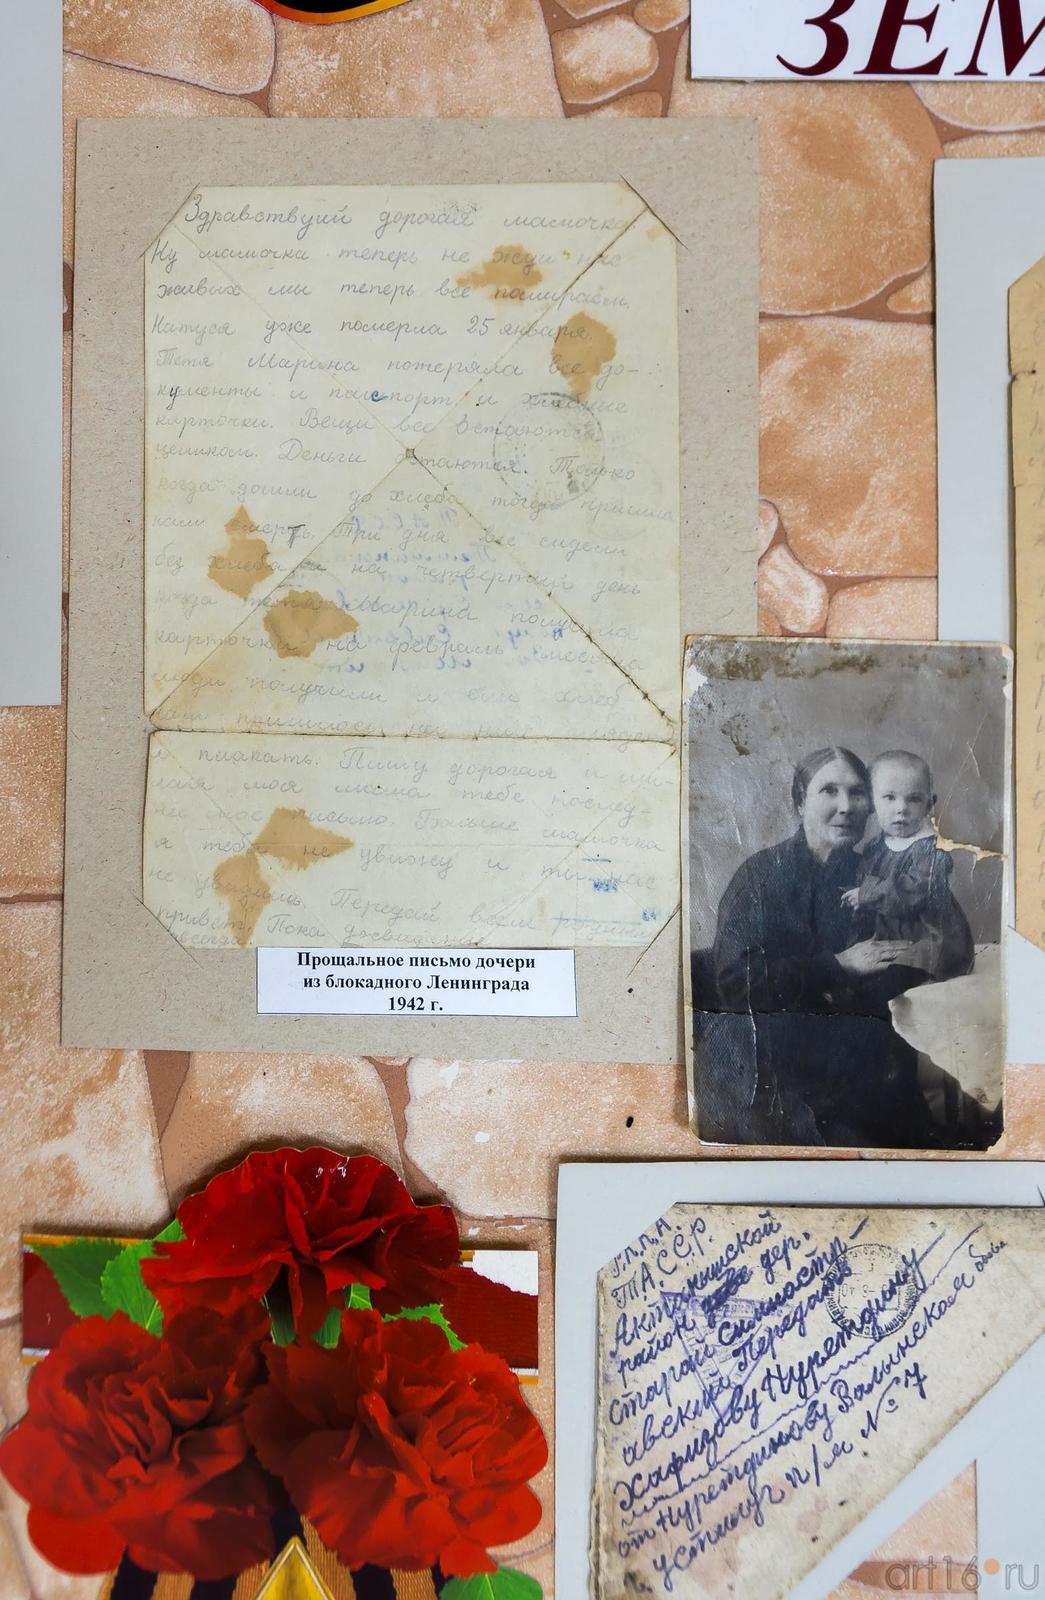 Фото №883226. Прощальное письмо дочери из блокадного Ленинграда, 1942 г.